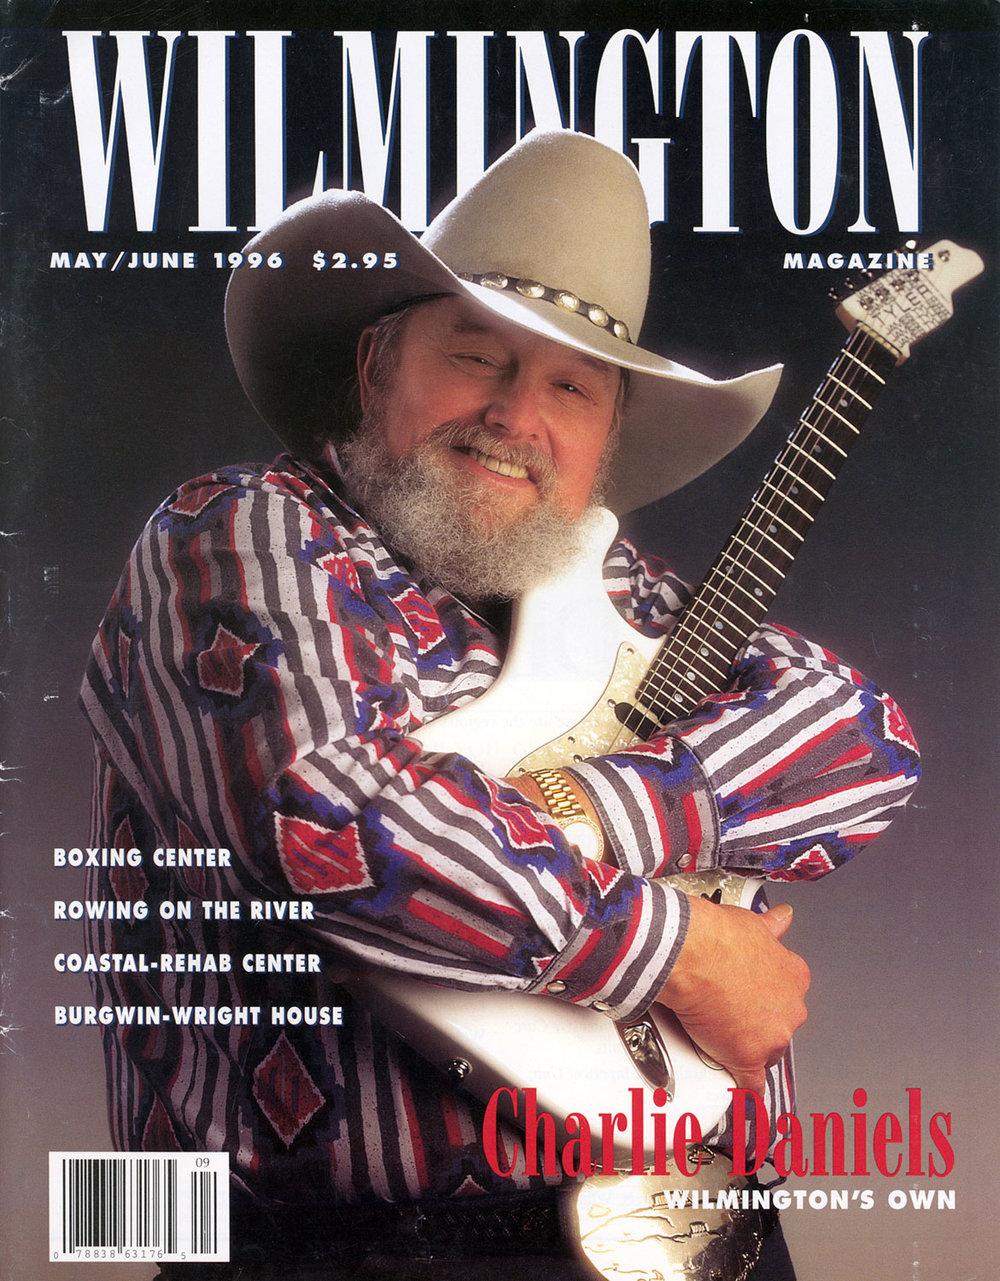 1996 Wilmington